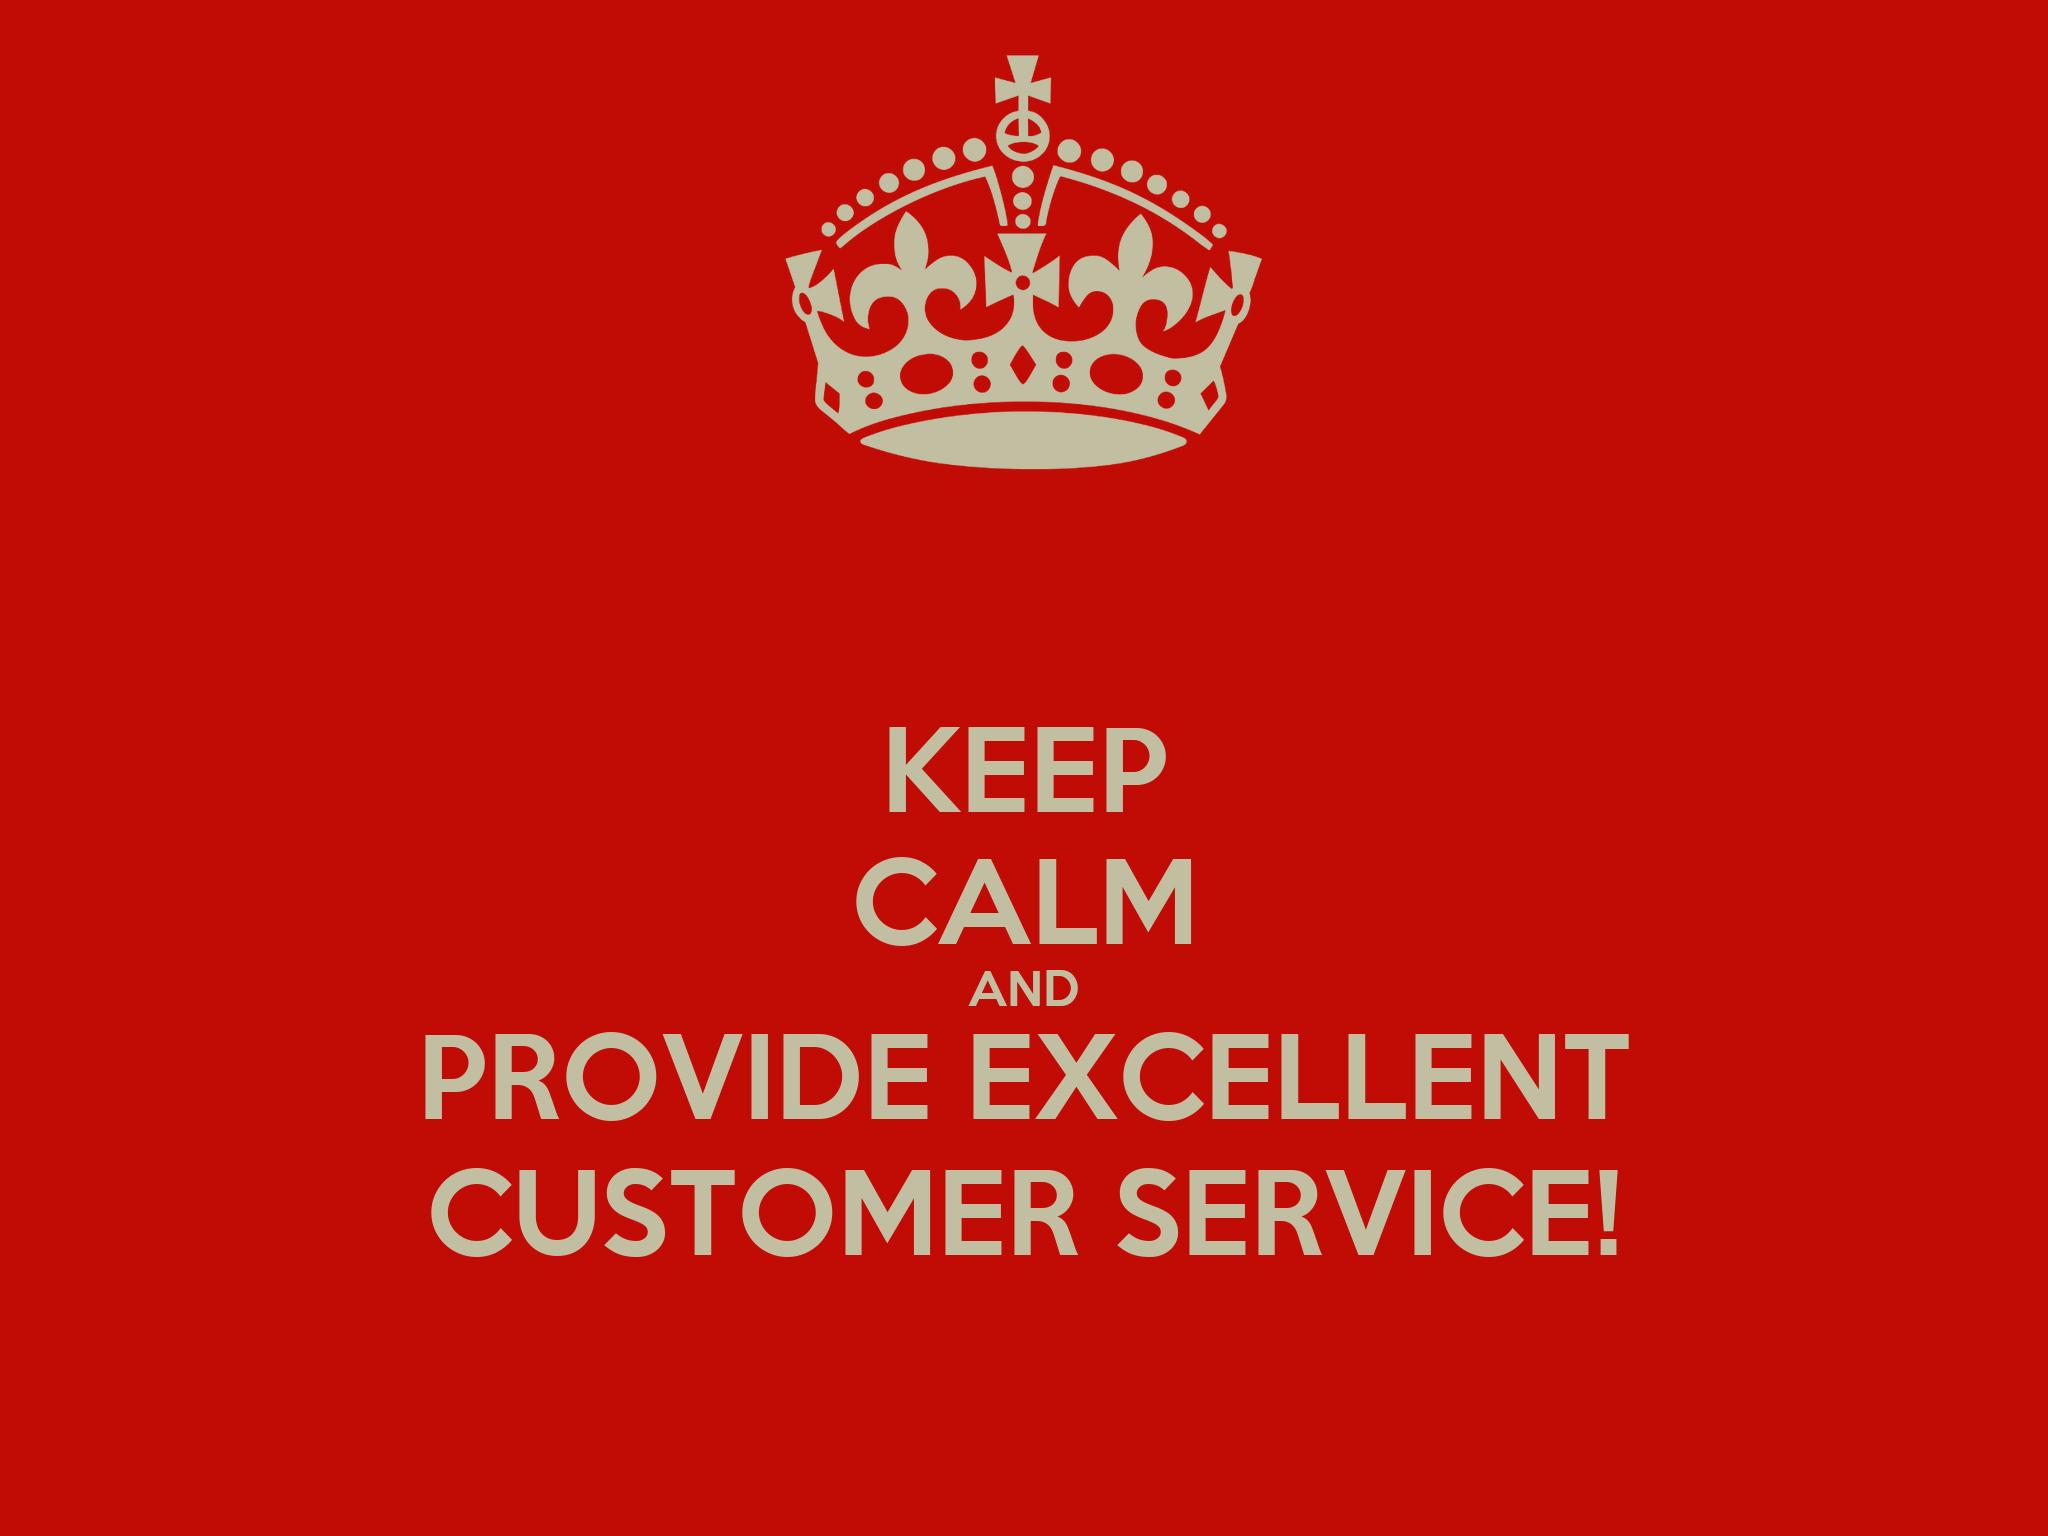 objective statement smartness design customer service